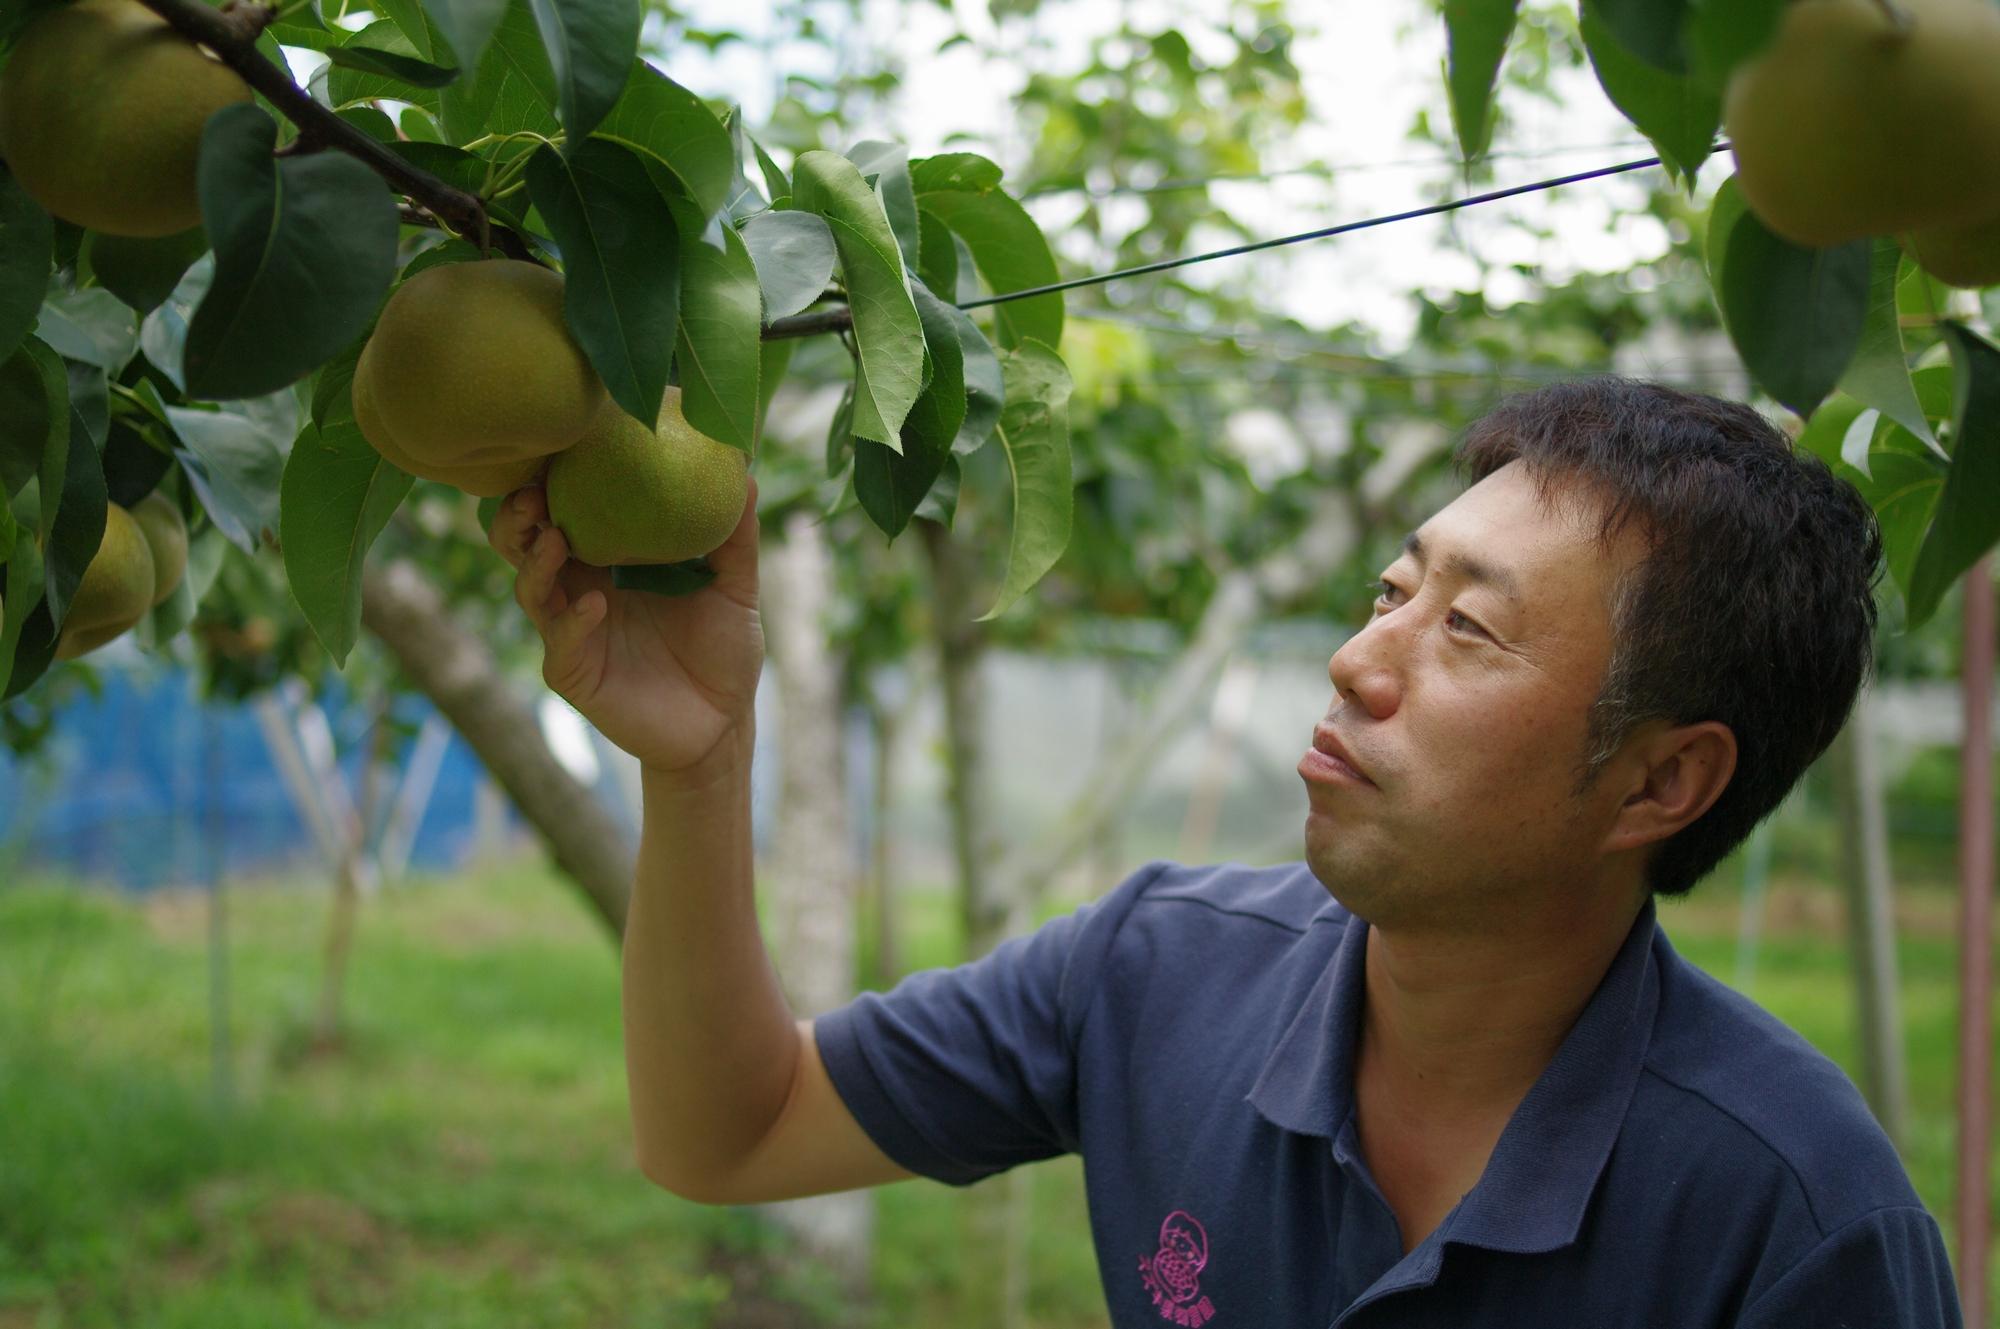 農繁期に集中する発送作業を、もっと素早く・効率よく - スズキ果物農園様